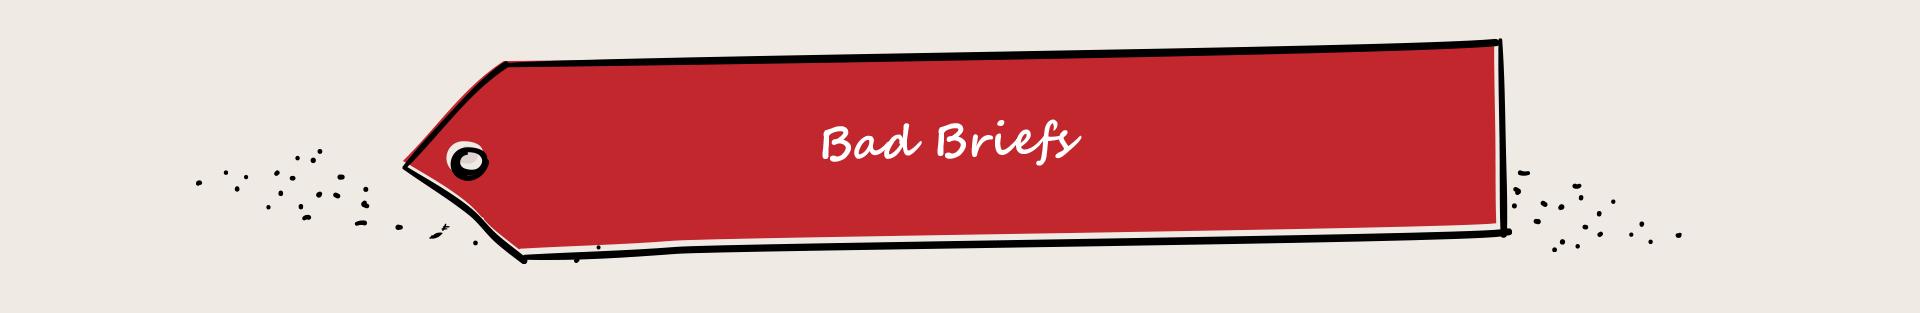 Bad Briefs